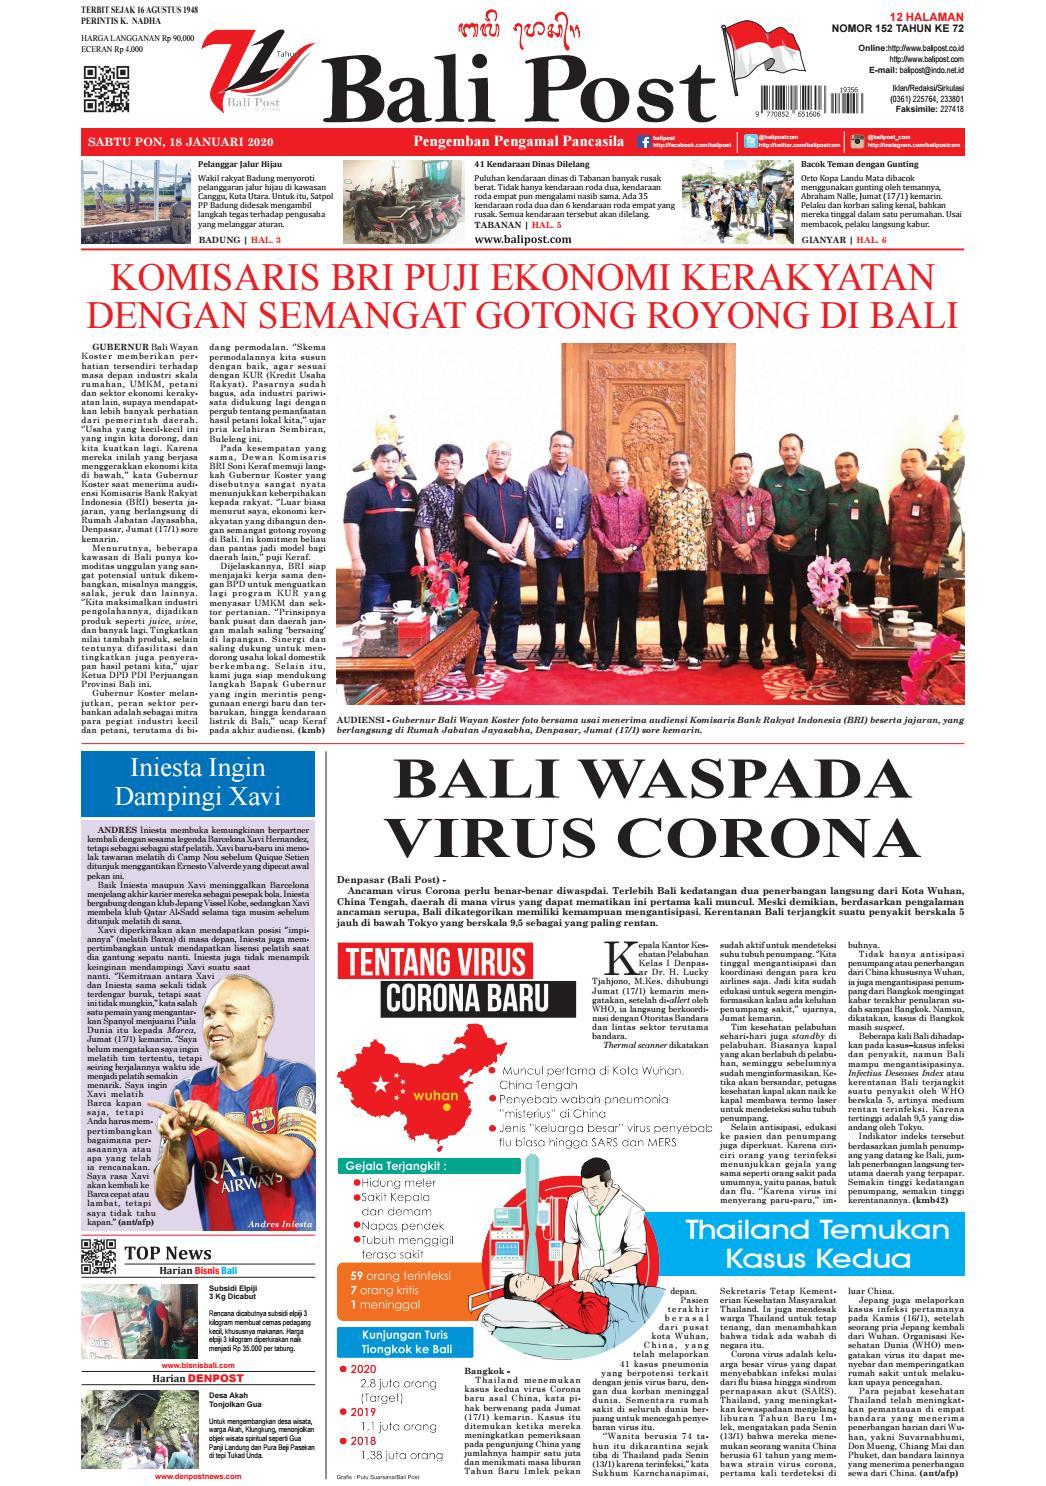 Edisi Sabtu 18 Januari 2020 Balipost Com By E Paper Kmb Issuu